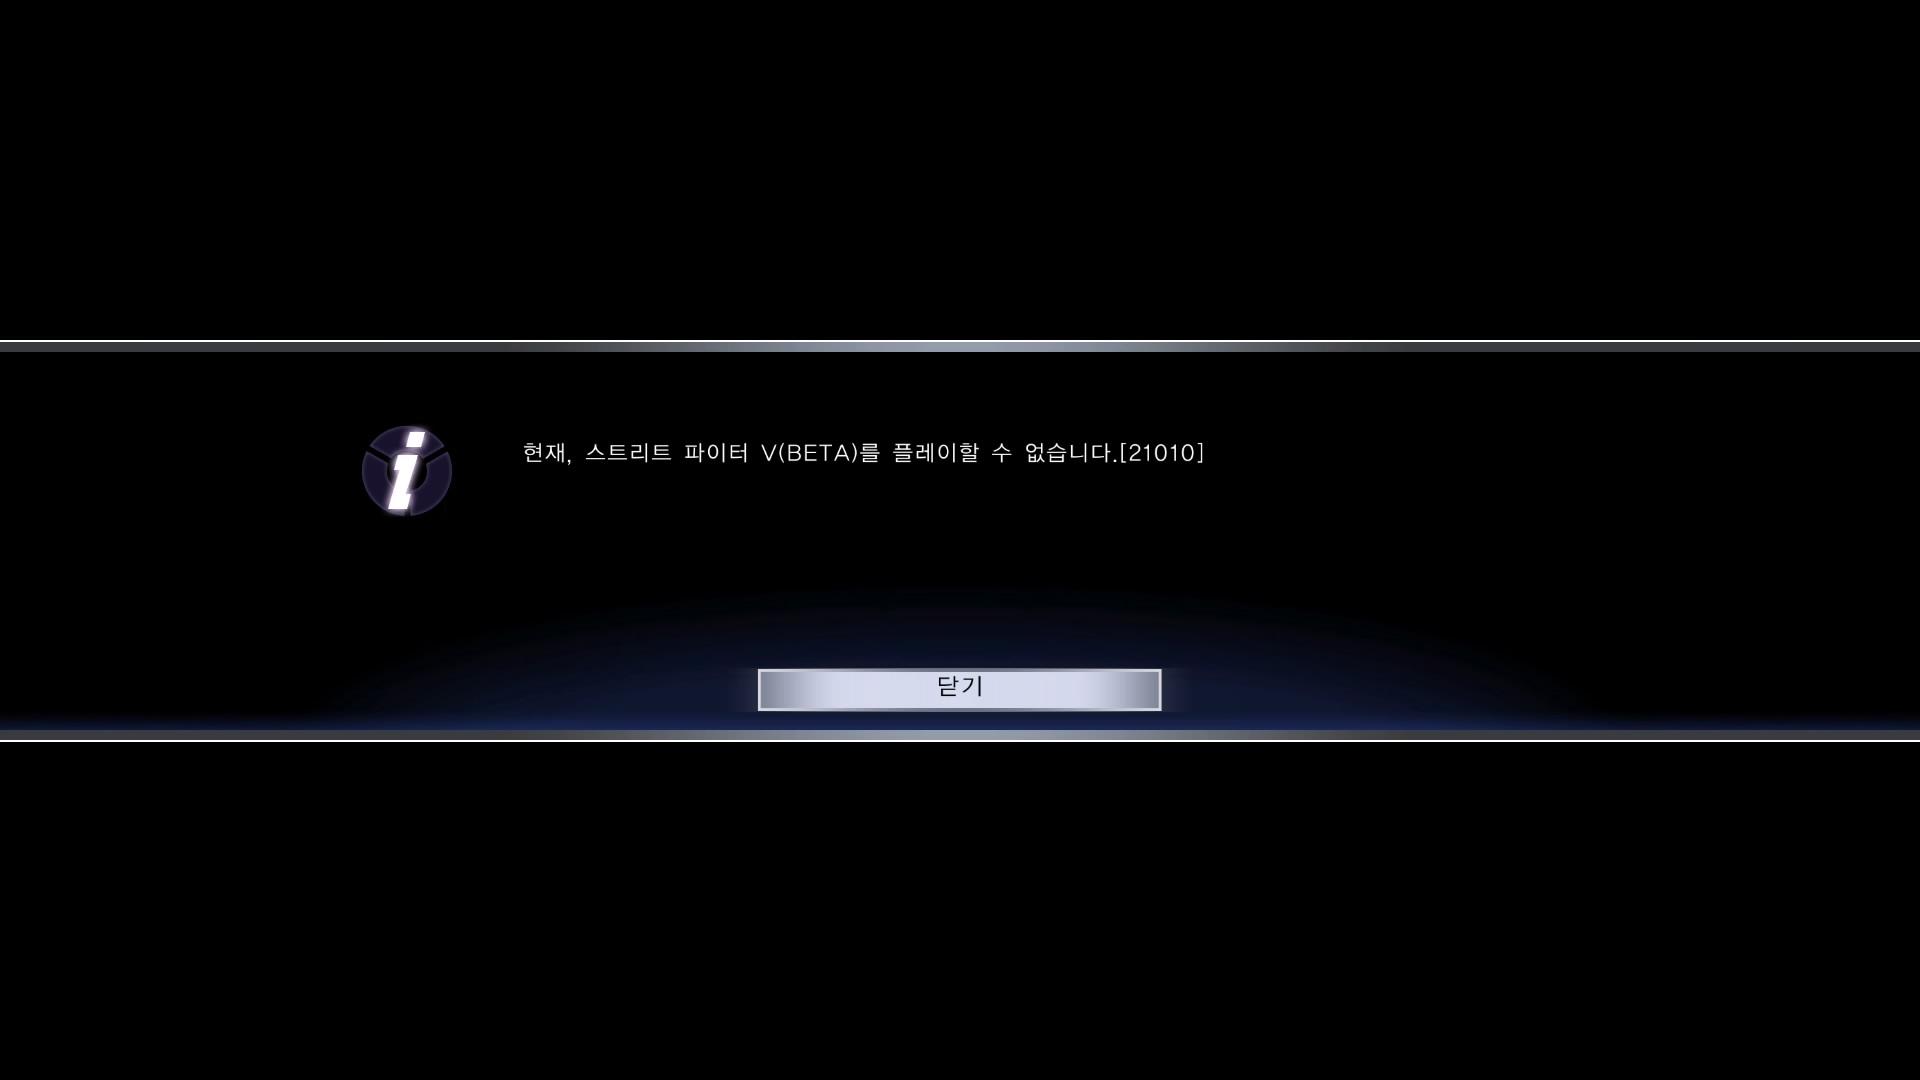 [PS4] 스트리트 파이터 5 베타테스트와 튜토리얼..